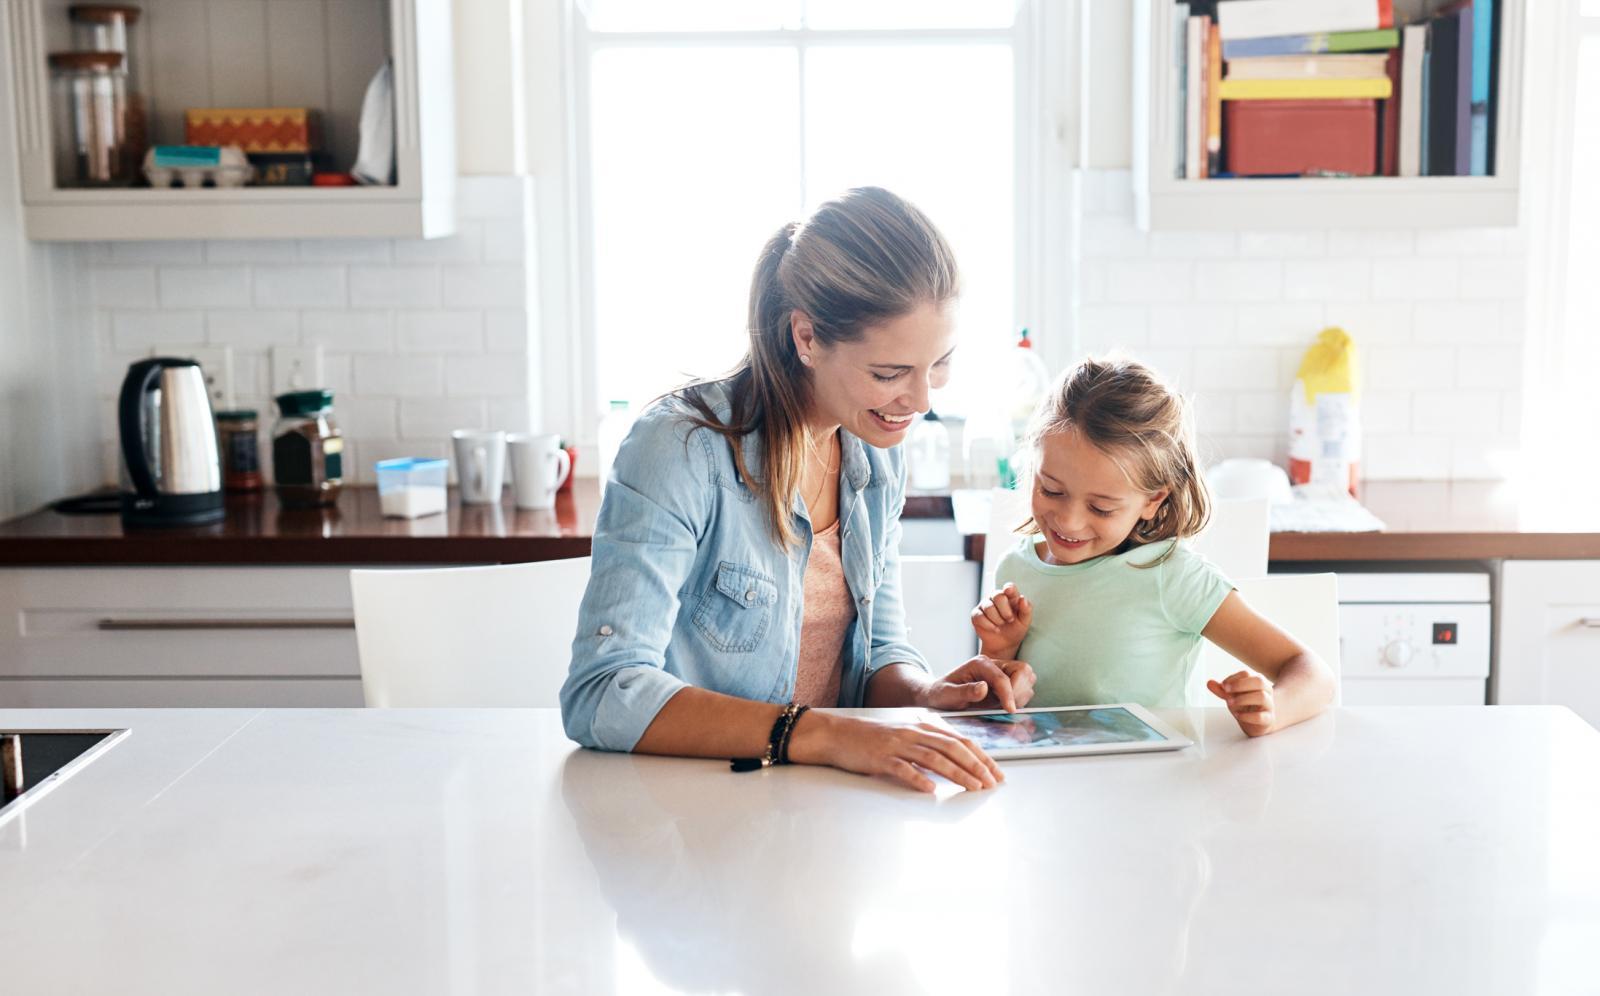 Ako vaše dijete voli uzeti u ruke tablet ili smartphone, neka barem bude korisno...